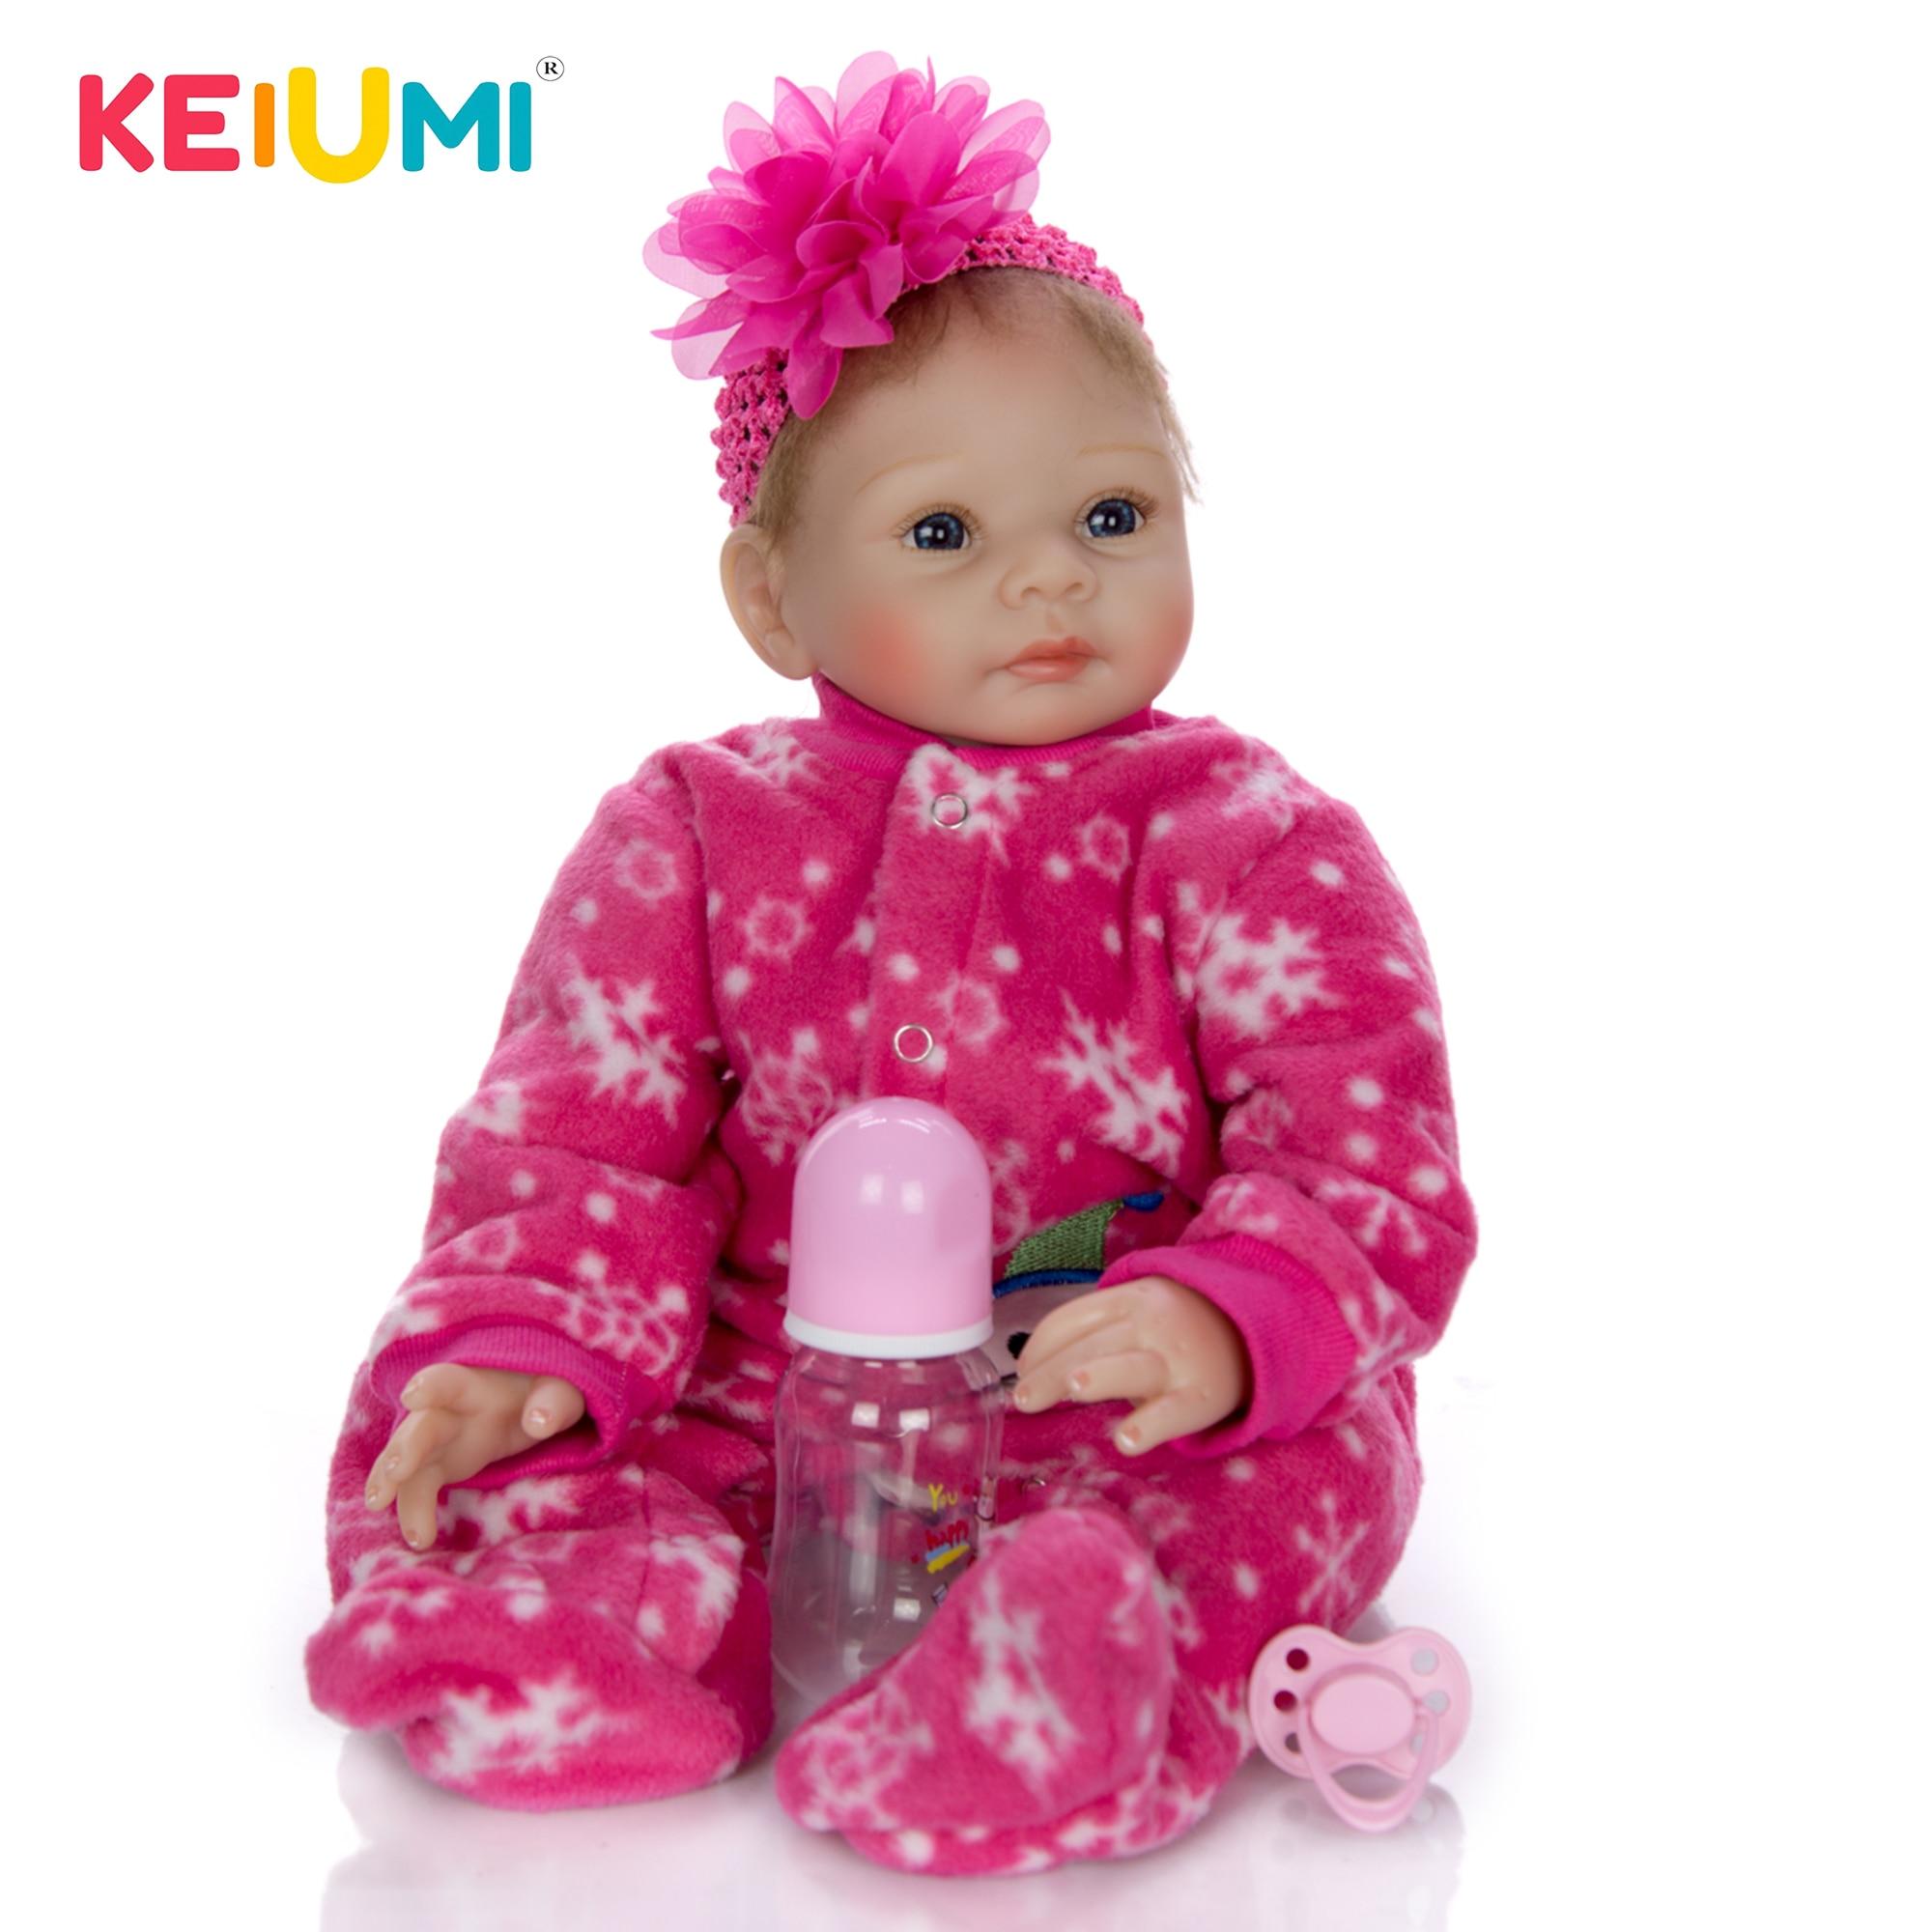 สมจริง 55 ซม.เด็กทารก Reborn ซิลิโคนไวนิลตุ๊กตาทารกแรกเกิดเจ้าหญิง 22 ''Reborn ตุ๊กตาของเล่นตุ๊กตาผ้าเด็กแฟชั่นของขวัญ-ใน ตุ๊กตา จาก ของเล่นและงานอดิเรก บน   1